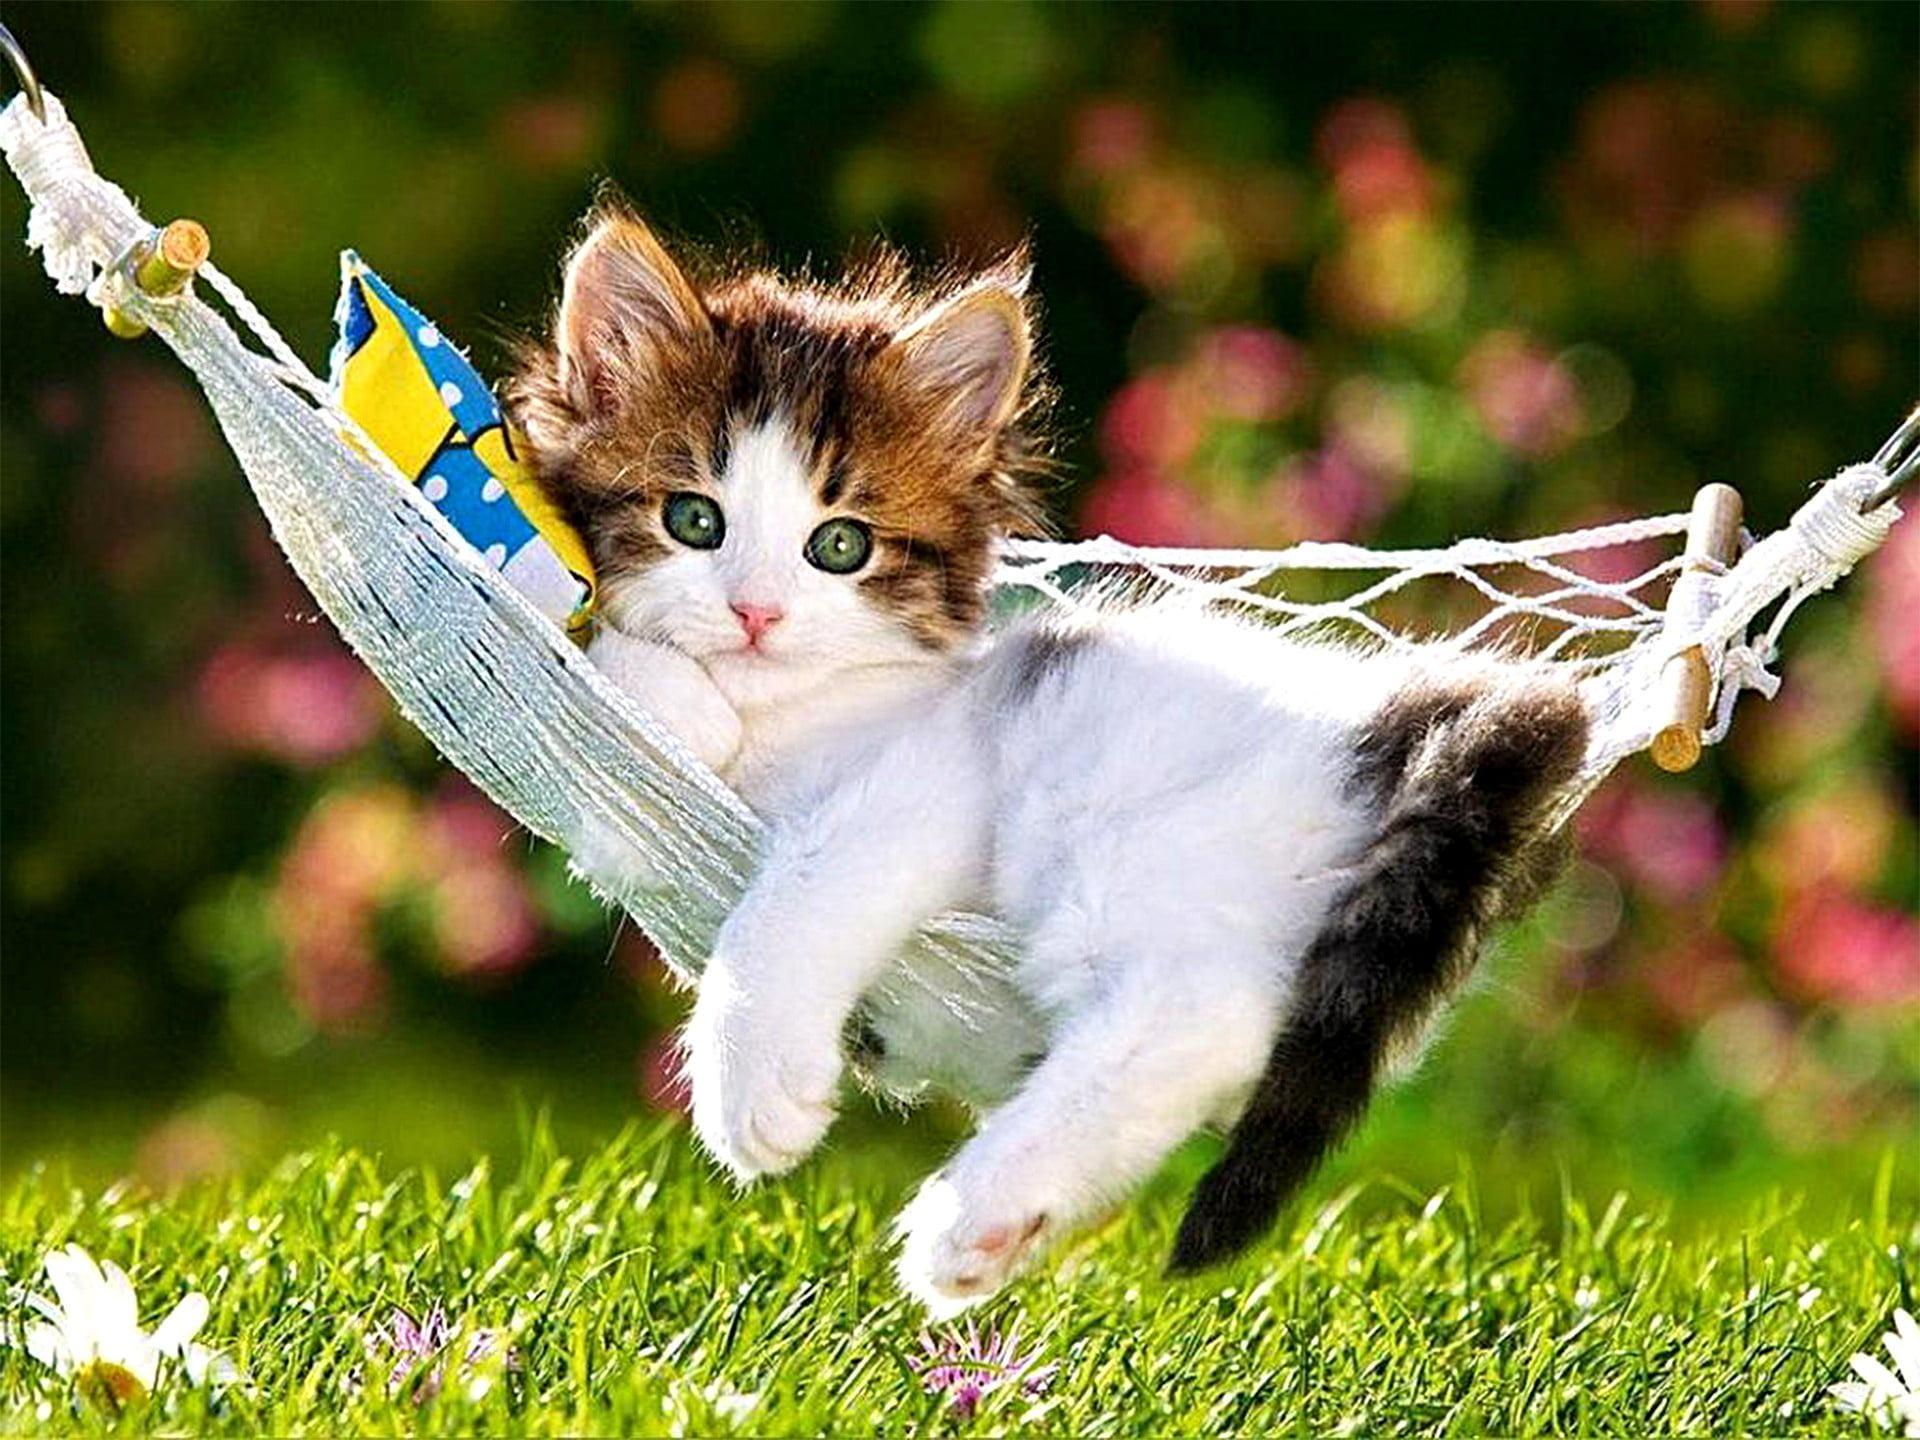 Hình ảnh chú mèo con đang nằm với tư thế đáng yêu